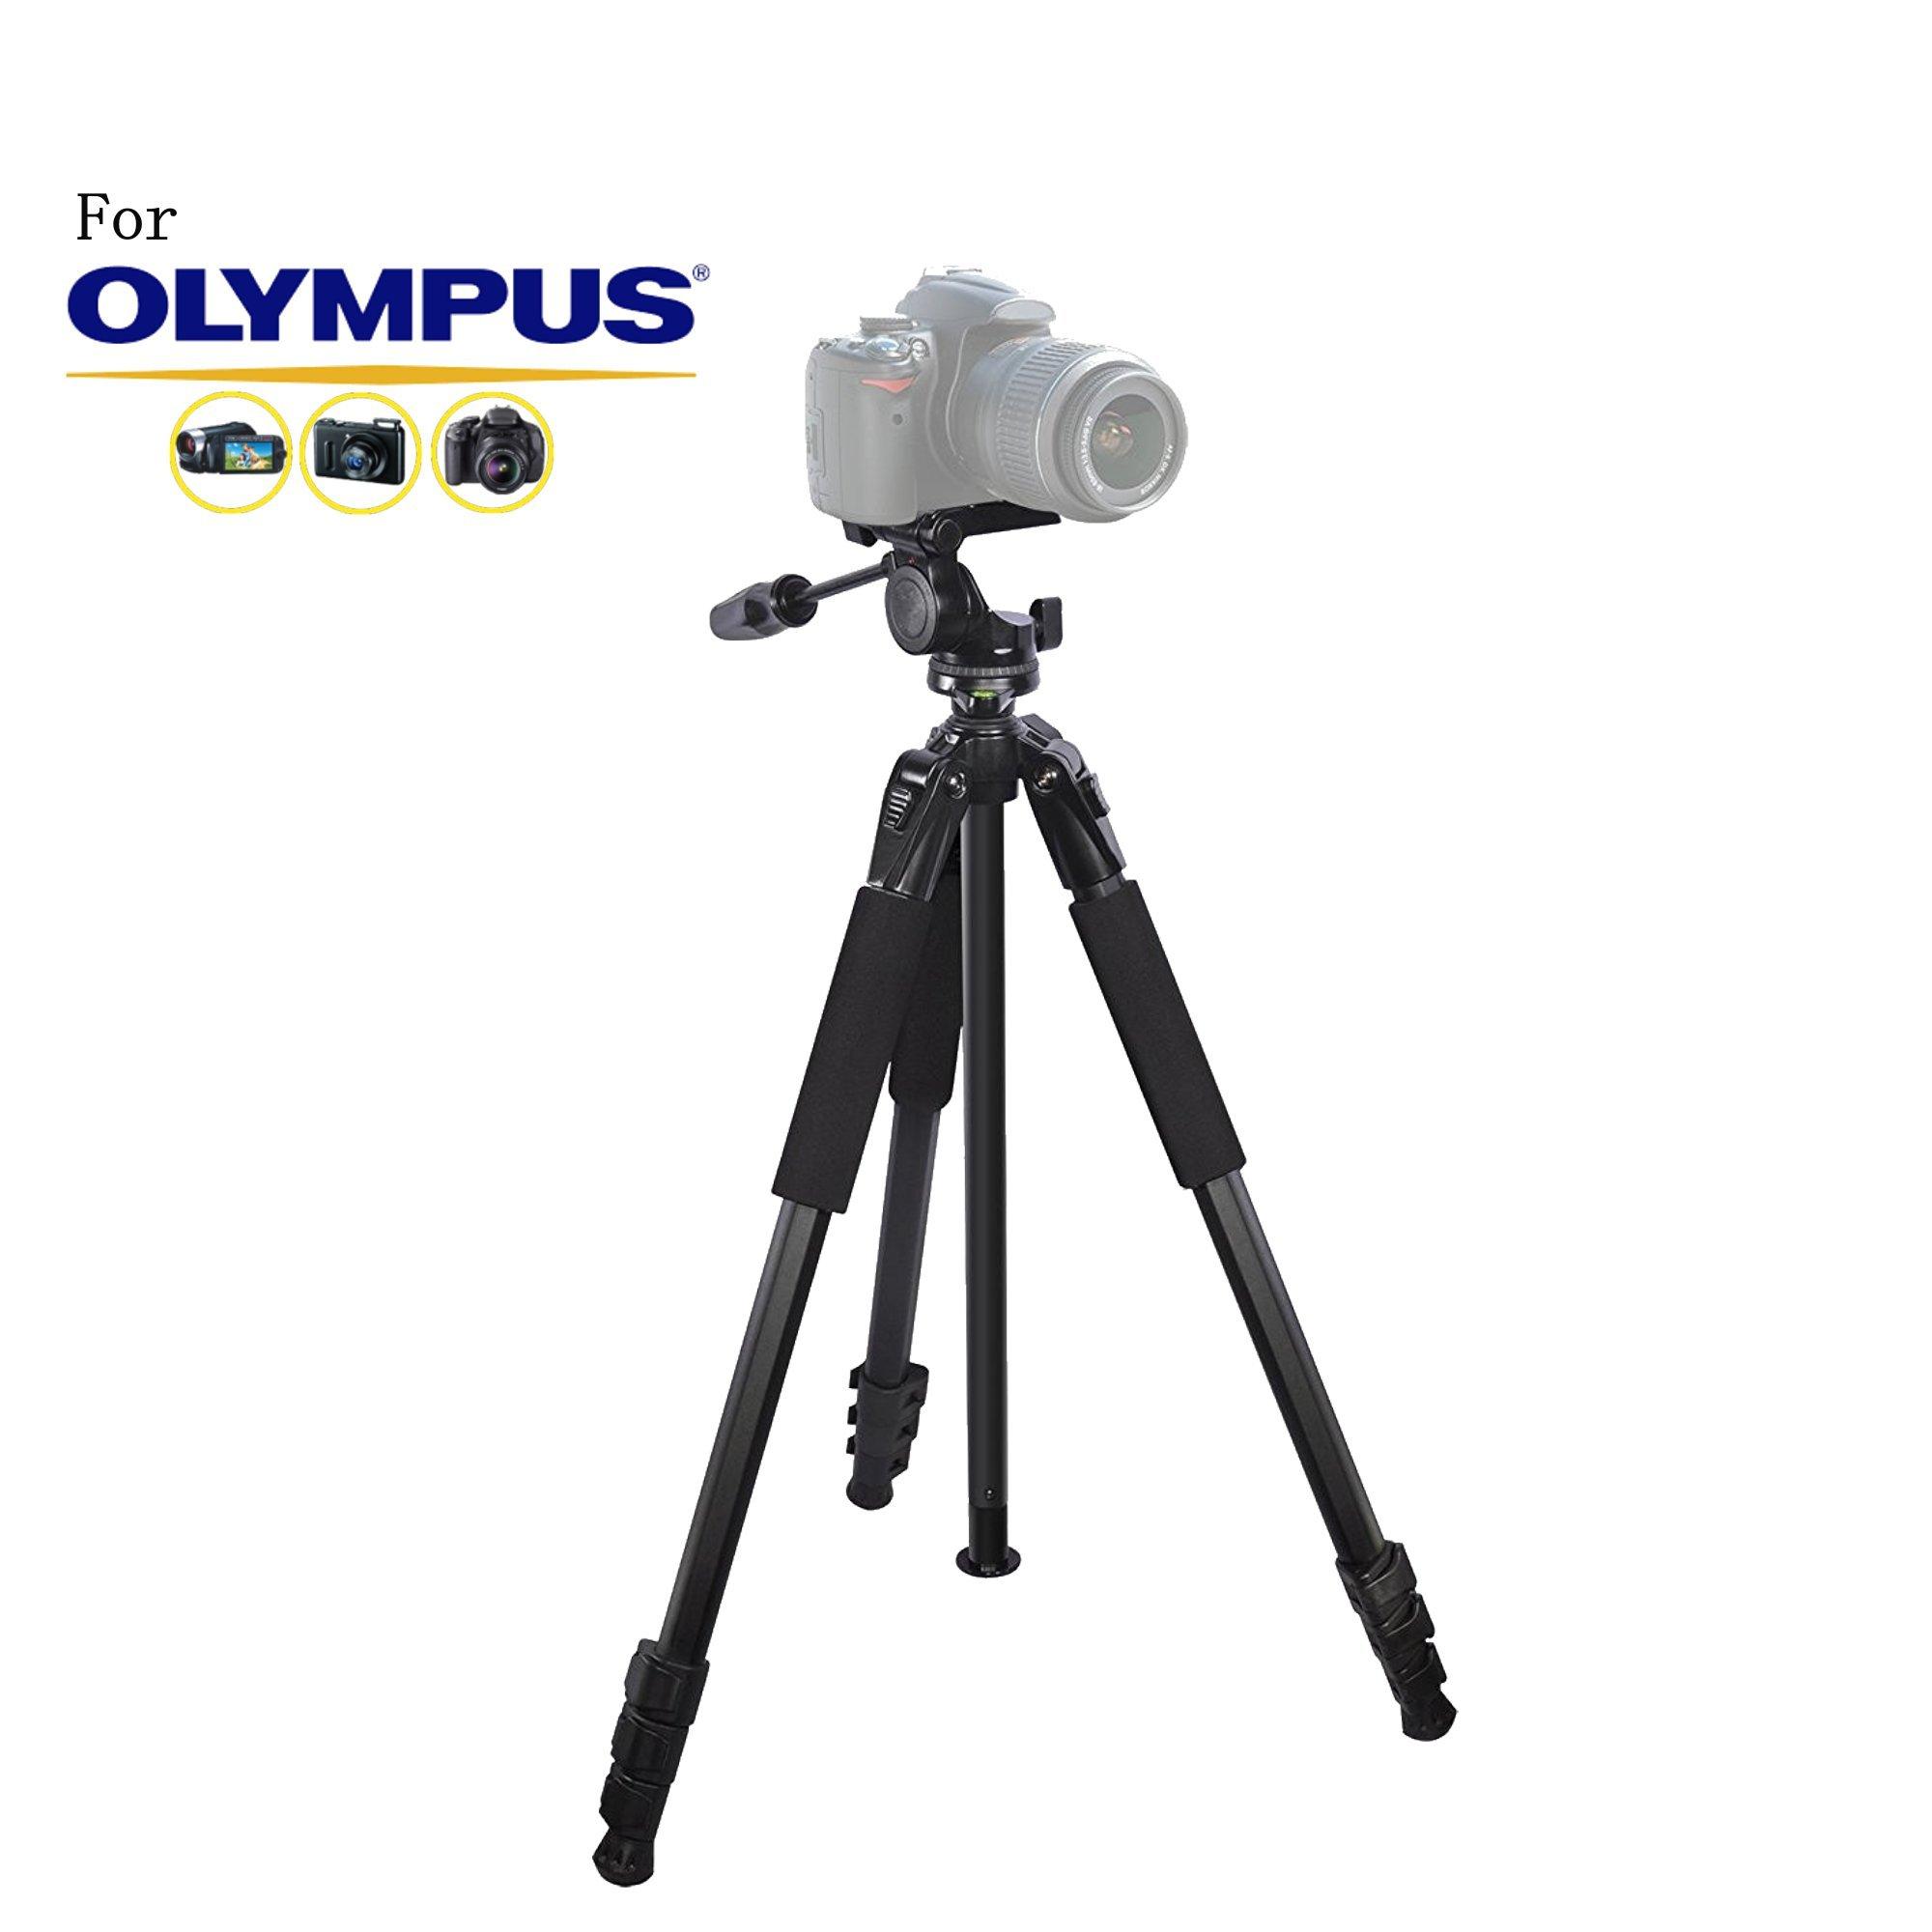 80 inch Heavy Duty Portable tripod for Olympus E-620, OM-D E-M1, OM-D E-M10, OM-D E-M10 II, OM-D E-M5, OM-D E-M5 II, SP-350 Cameras: Travel tripod